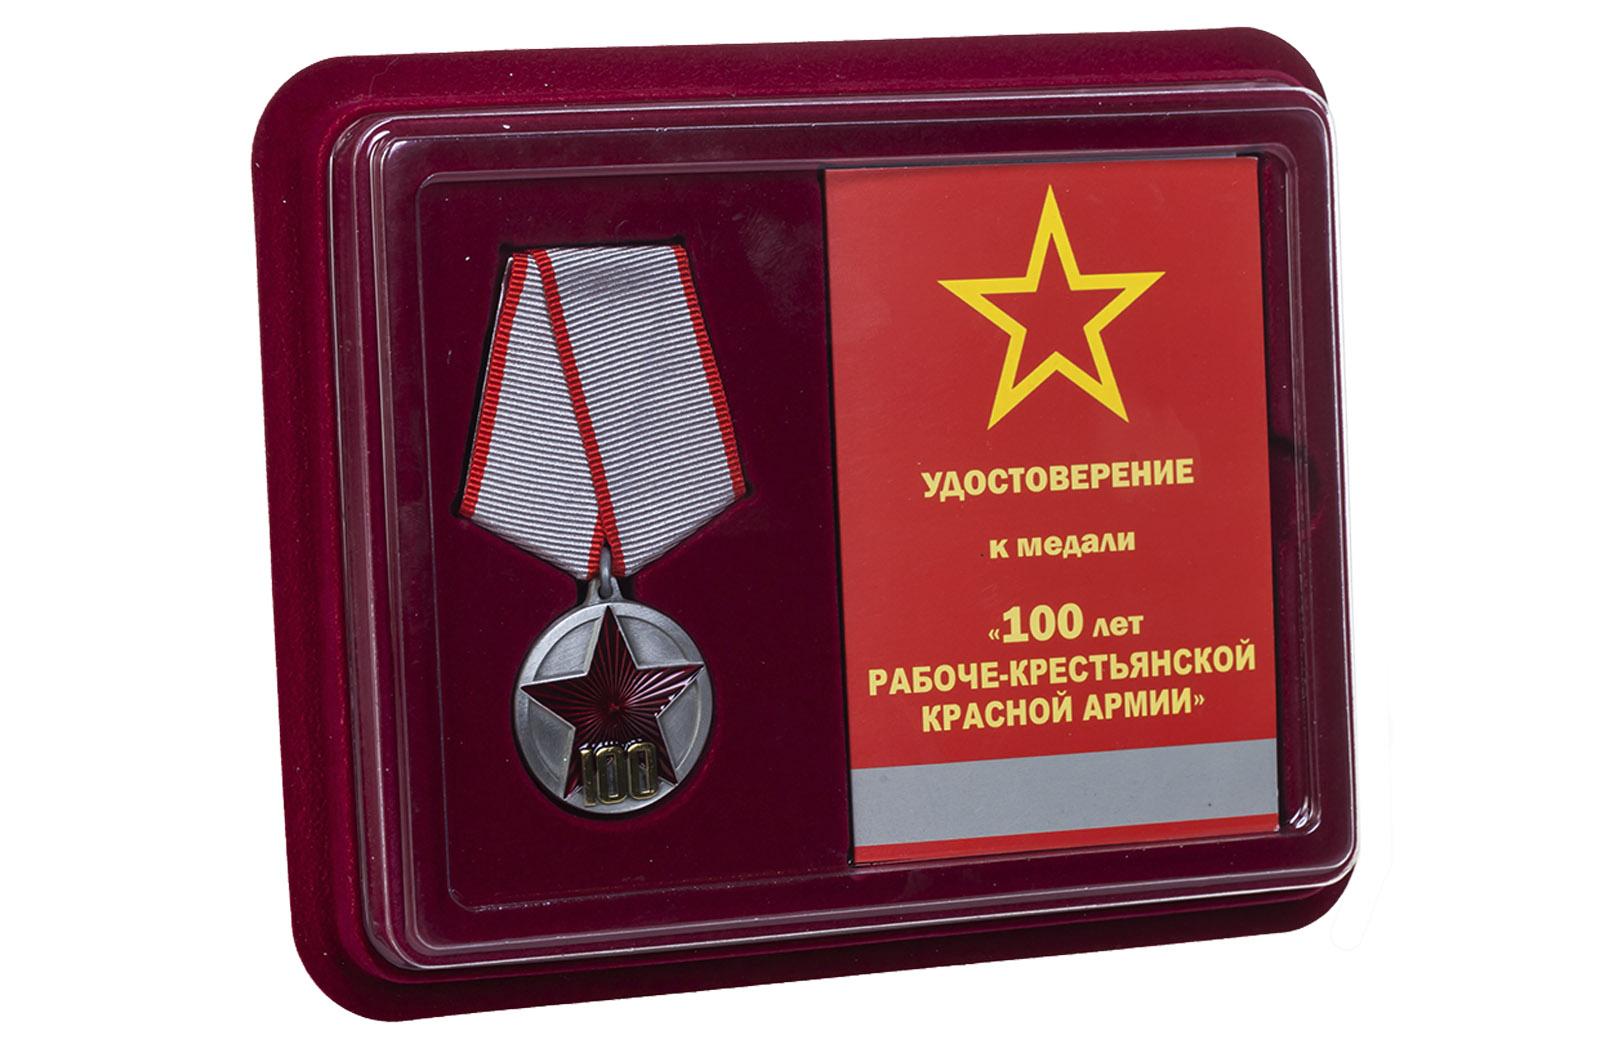 Юбилейная медаль 100 лет РККА - в футляре с удостоверением